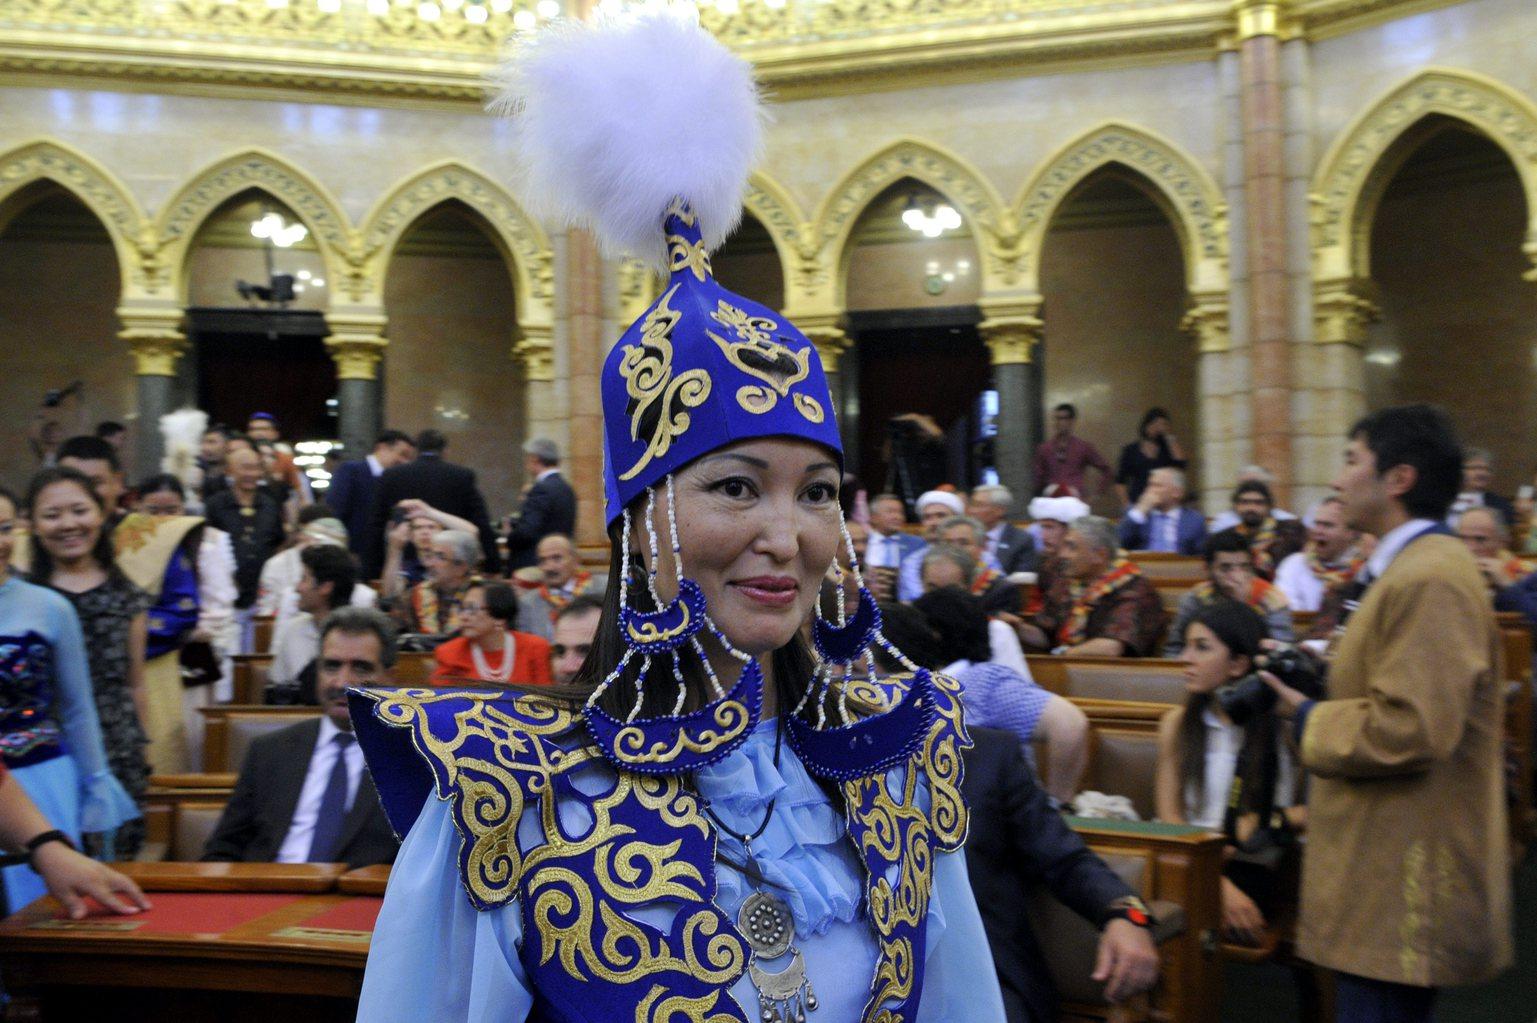 Kazah népviseletbe öltözött nő a háromnapos Kurultáj hagyományőrző rendezvény megnyitóján a Parlament Felsőházi üléstermében 2014. augusztus 7-én. A Kurultáj Európa egyik legnagyobb hagyományőrző ünnepe, amelyet immár ötödik alkalommal rendeznek meg. Az idei rendezvényen 27 nemzet képviselője vesz részt. MTI Fotó: Kovács Attila